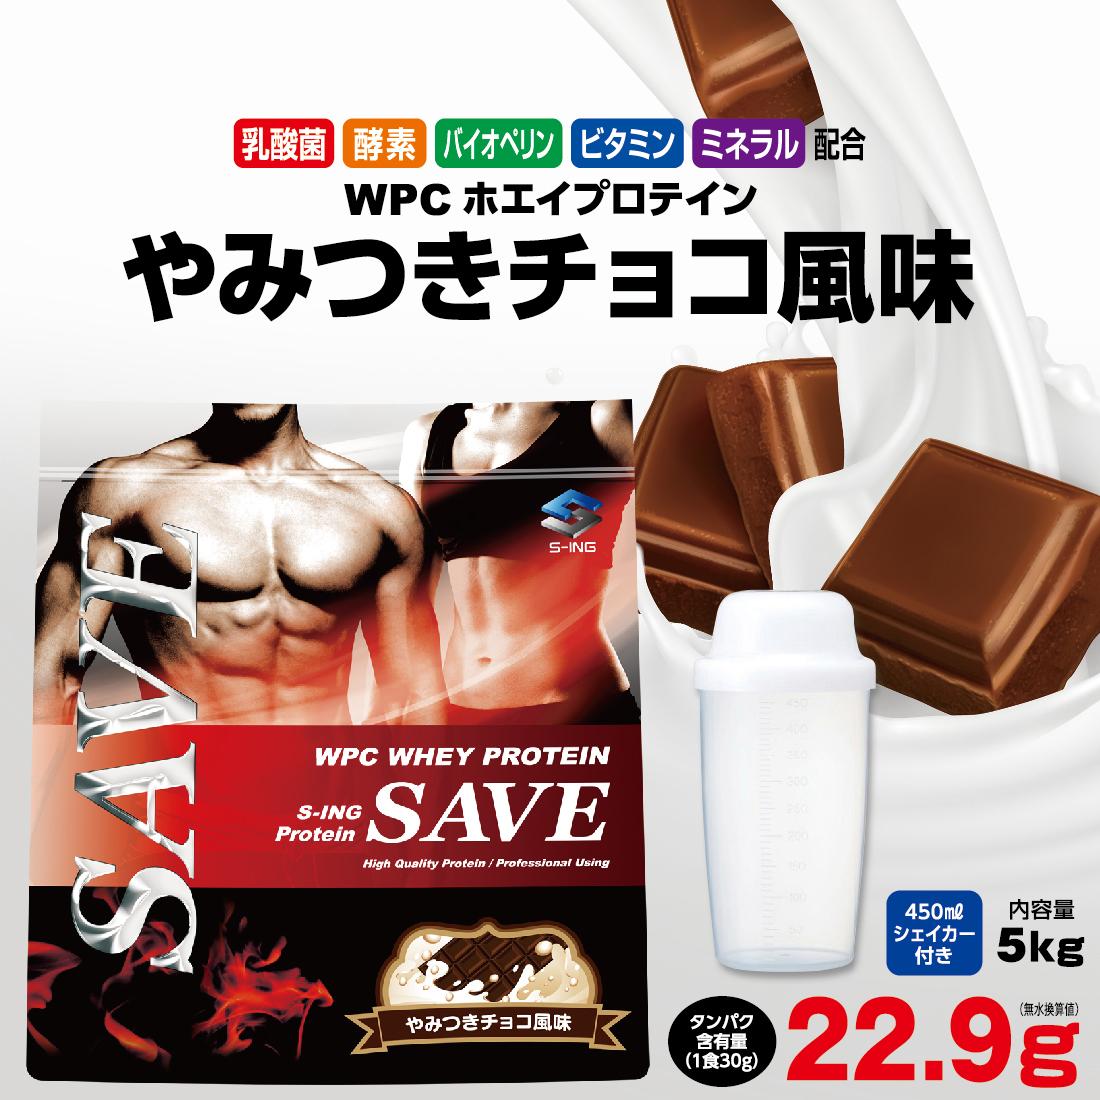 ホエイプロテイン 【送料無料】 【シェイカー付】SAVE プロテイン やみつきチョコ風味 5kg 美味しいWPC 乳酸菌・バイオペリン・エンザミン酵素配合